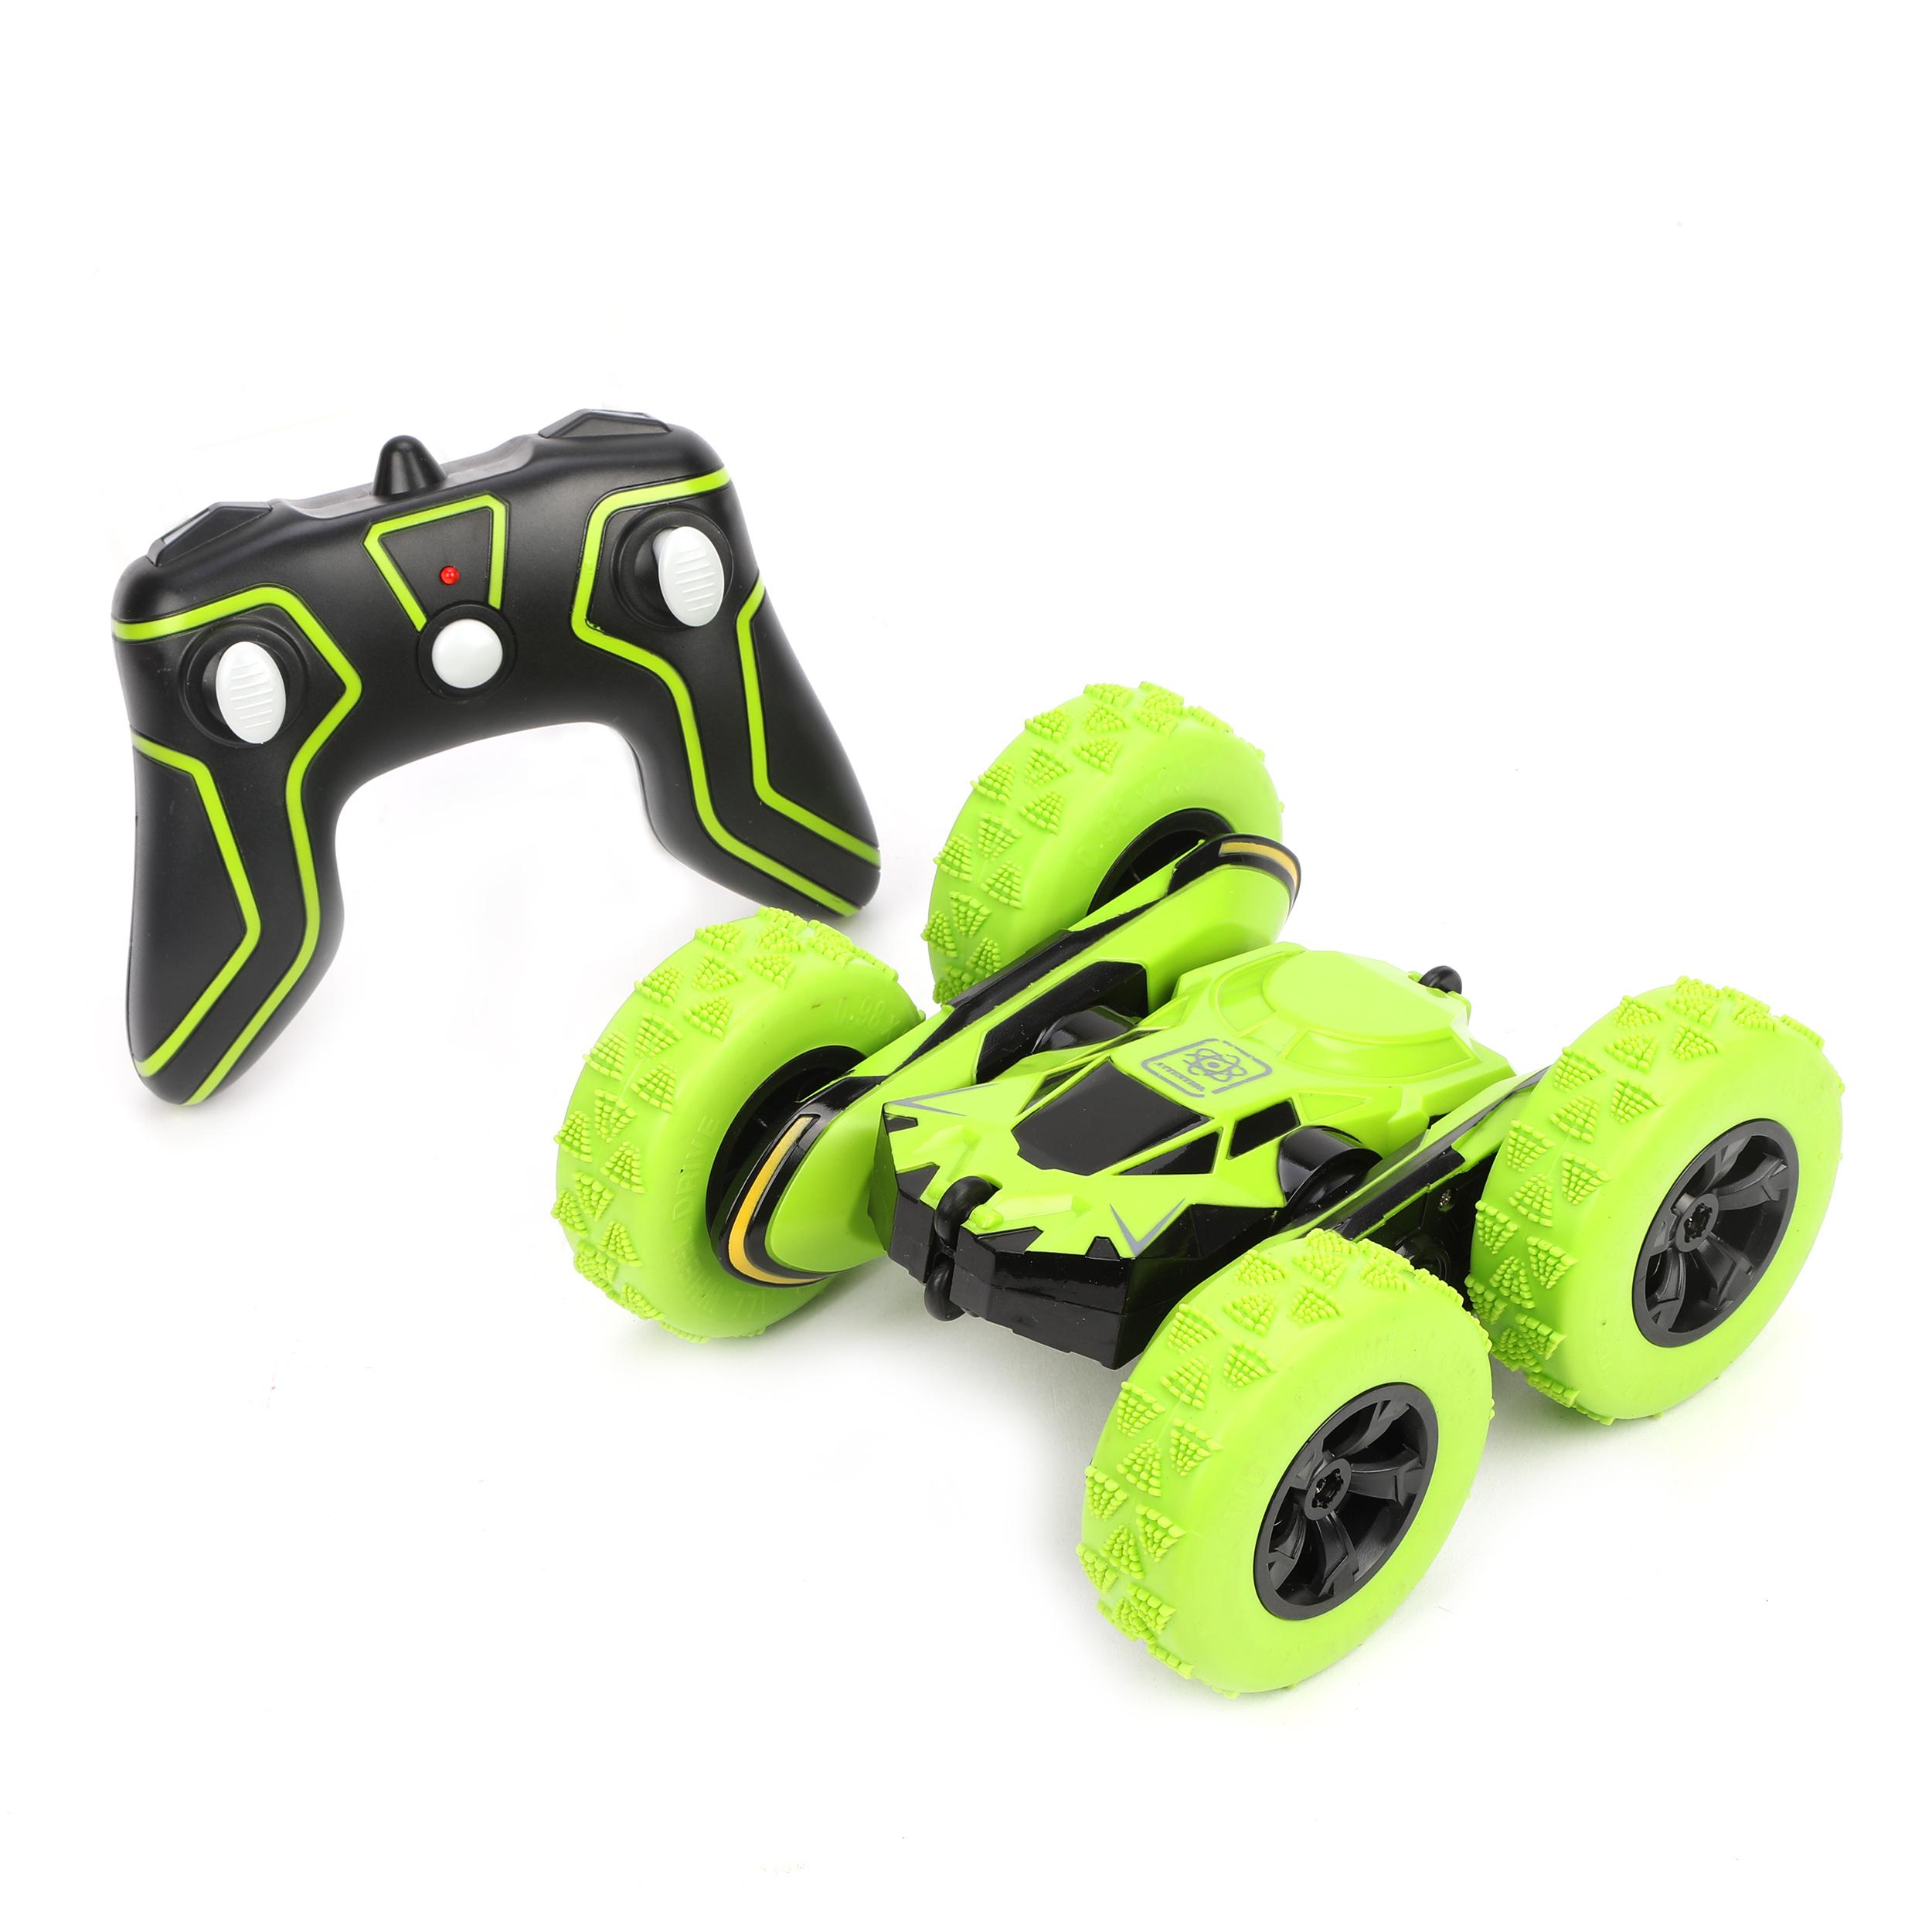 Машина на радиоуправлении Наша игрушка зеленый 4 канала 1:28 инерционная машинка наша игрушка машина 1 34 цвет в ассортименте м6097110329